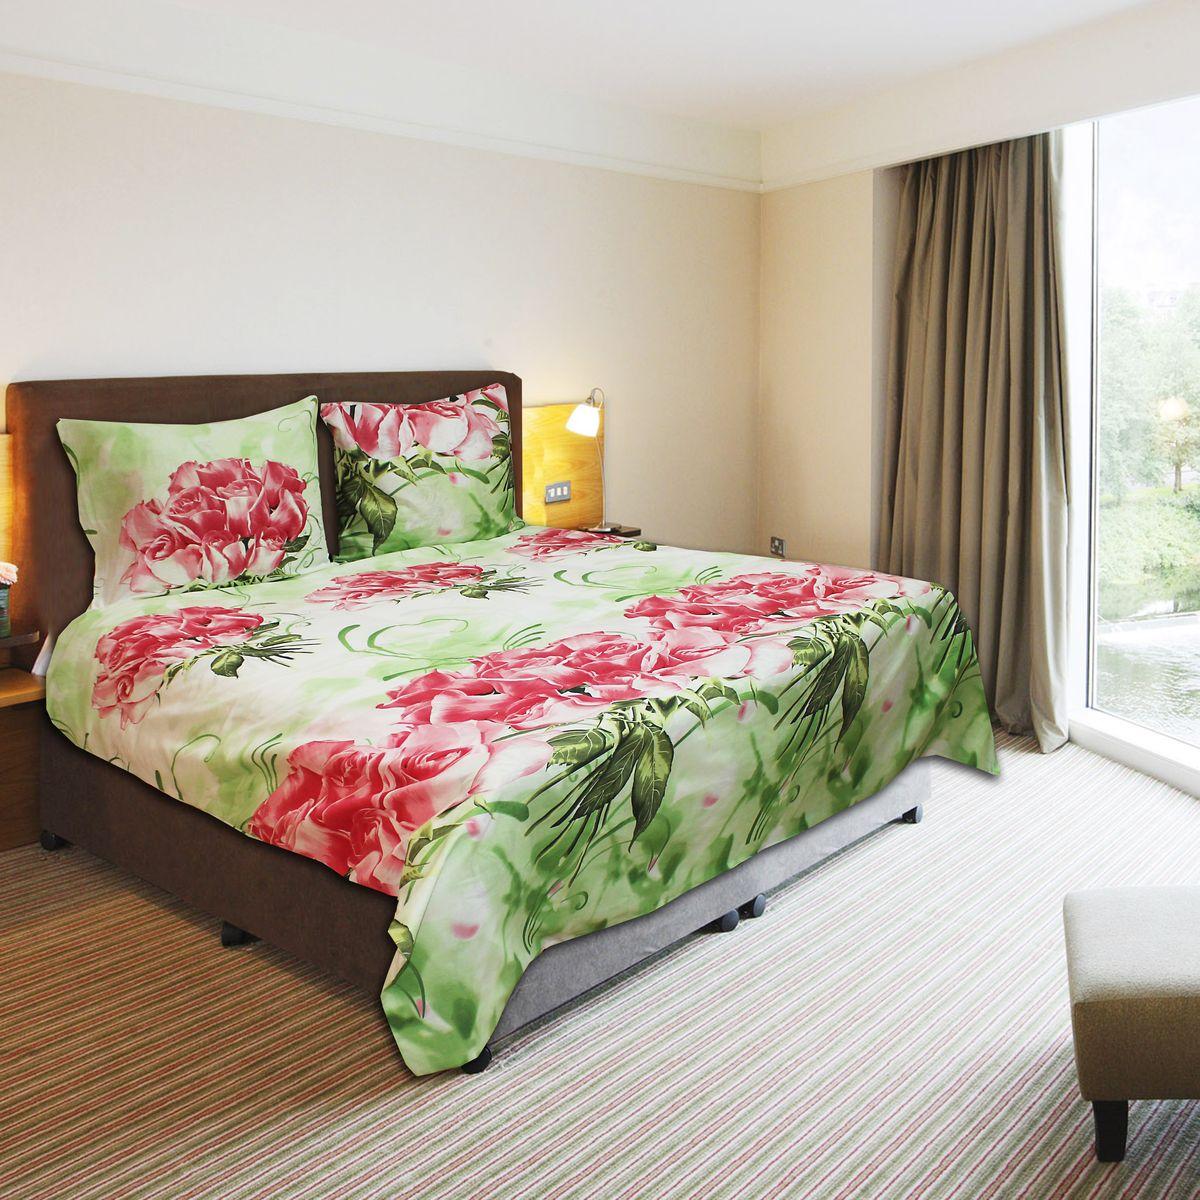 Комплект белья Amore Mio Delicacy, евро, наволочки 70х7077739Комплект постельного белья Amore Mio является экологически безопасным для всей семьи, так как выполнен из бязи (100% хлопок). Комплект состоит из пододеяльника, простыни и двух наволочек. Постельное белье оформлено оригинальным рисунком и имеет изысканный внешний вид. Легкая, плотная, мягкая ткань отлично стирается, гладится, быстро сохнет. Рекомендации по уходу: Химчистка и отбеливание запрещены. Рекомендуется стирка в прохладной воде при температуре не выше 30°С.